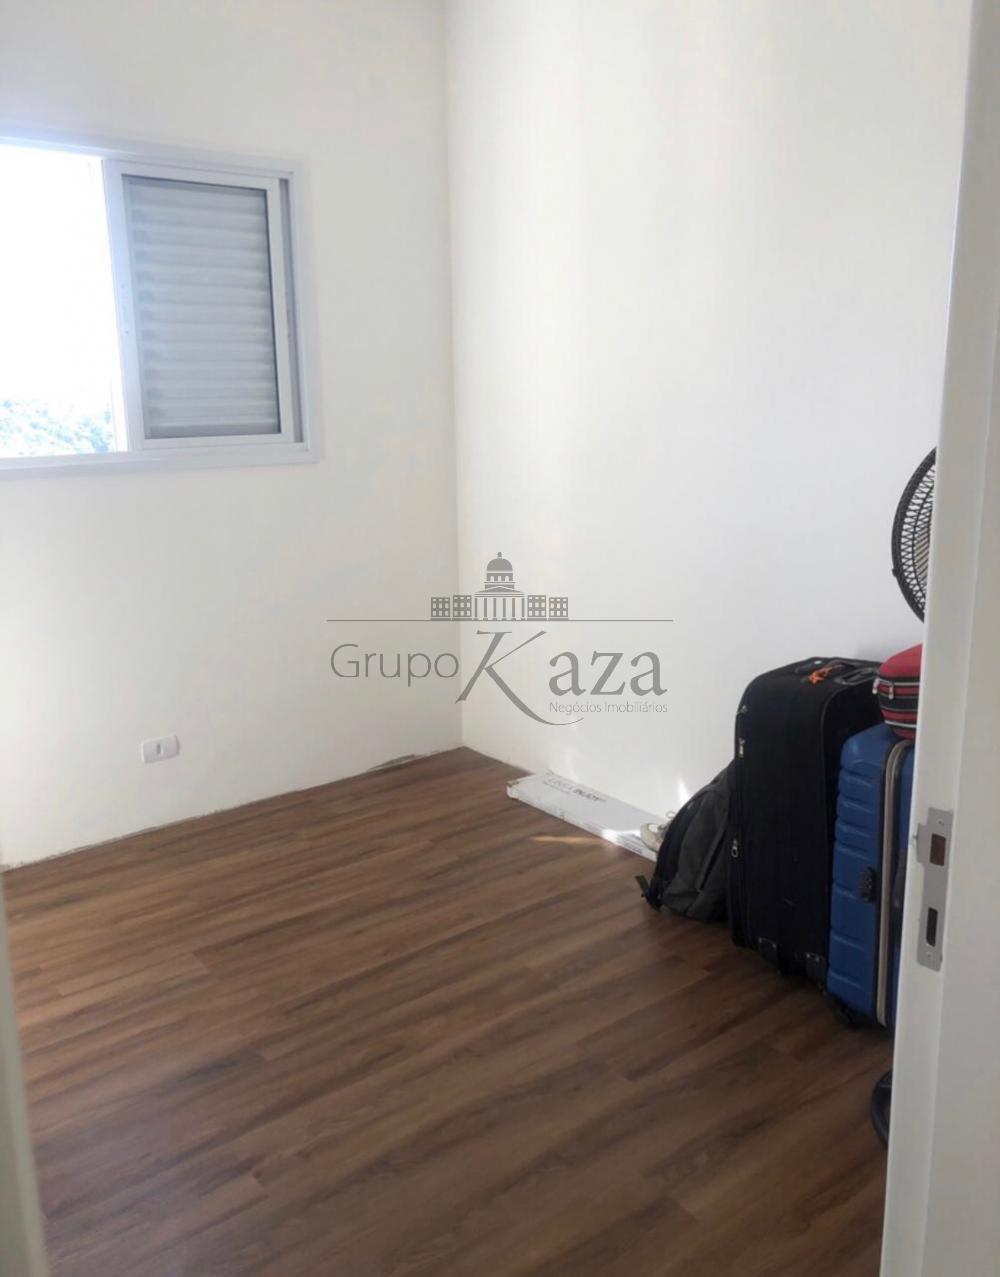 alt='Comprar Apartamento / Padrão em Jacareí R$ 380.000,00 - Foto 9' title='Comprar Apartamento / Padrão em Jacareí R$ 380.000,00 - Foto 9'